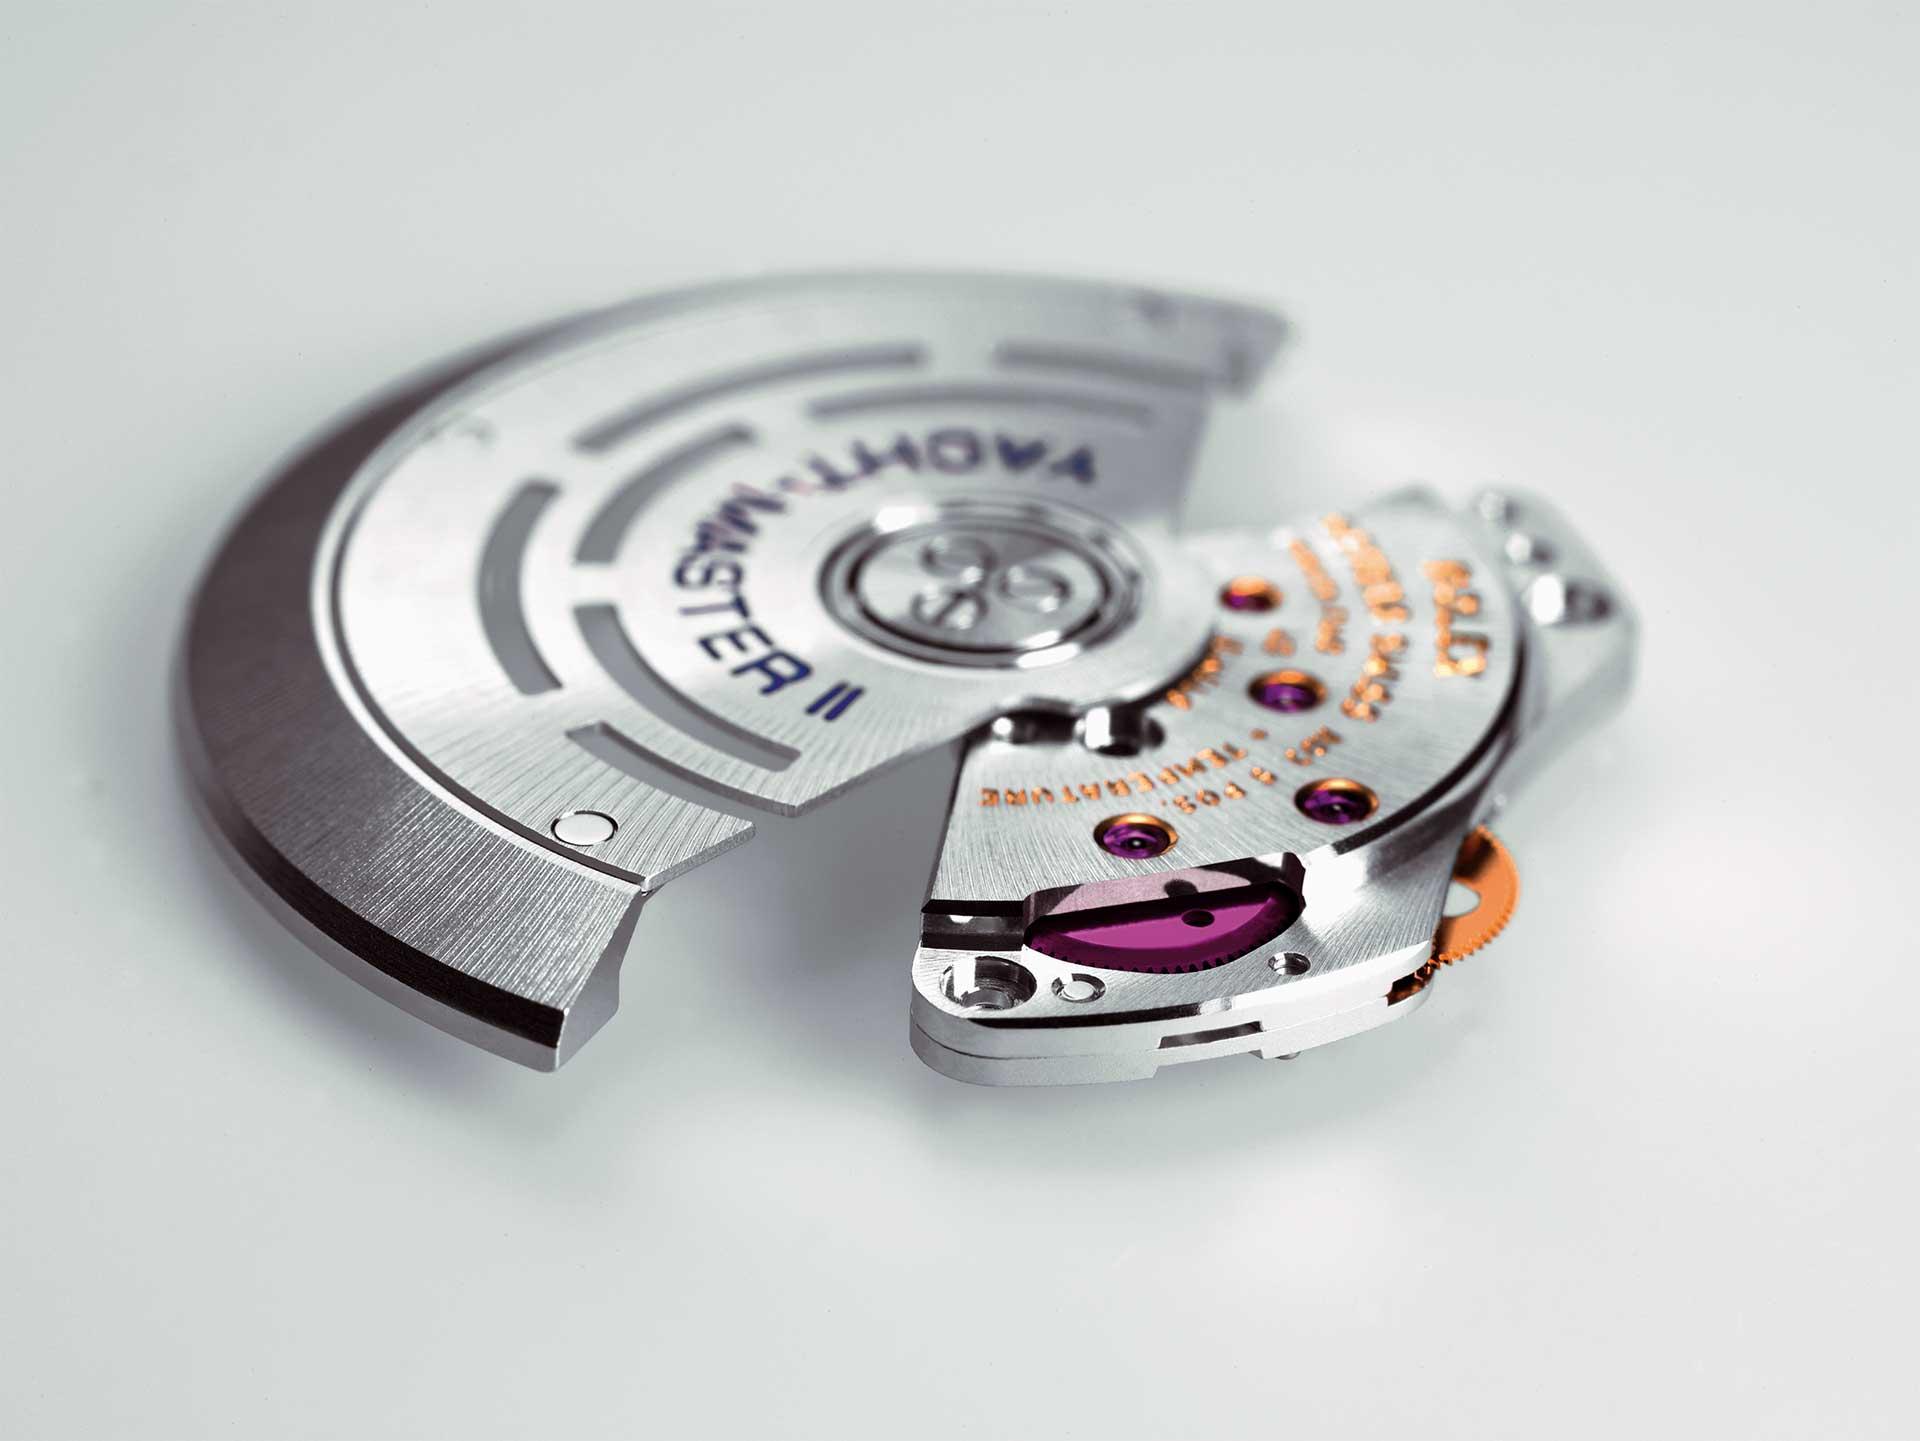 Das moderne Automatikmodul aktueller Rolex-Kaliber mit Selbstaufzugsmechanismus.